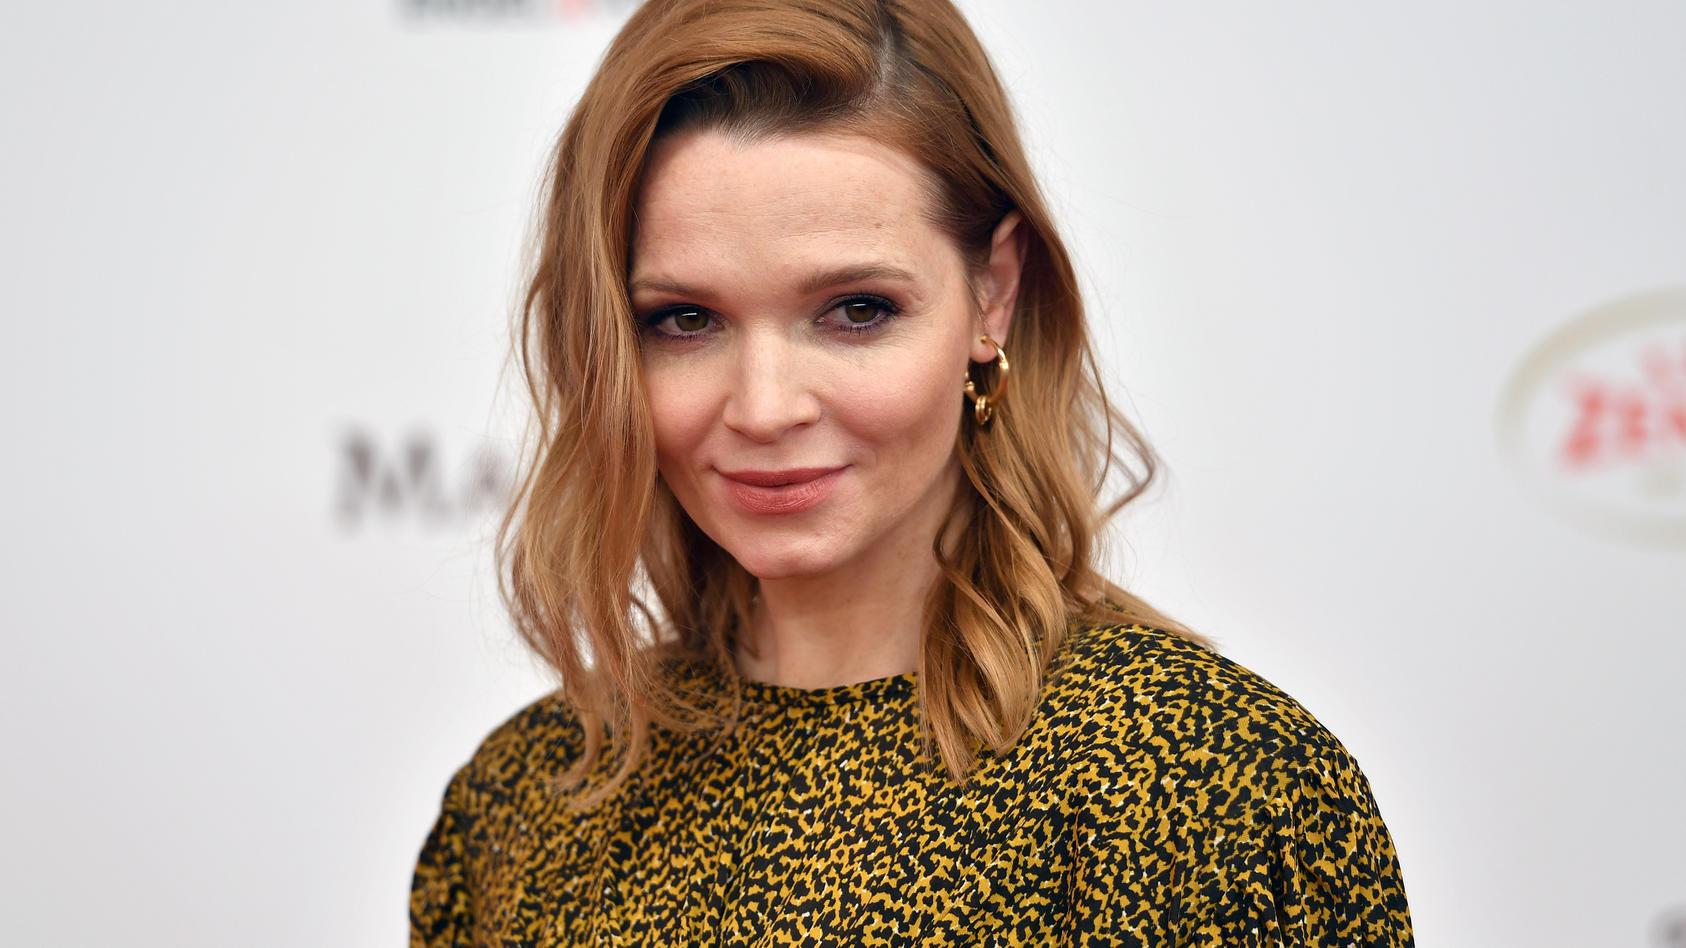 Schauspielerin Karoline Herfurth trauert um ihre Oma.